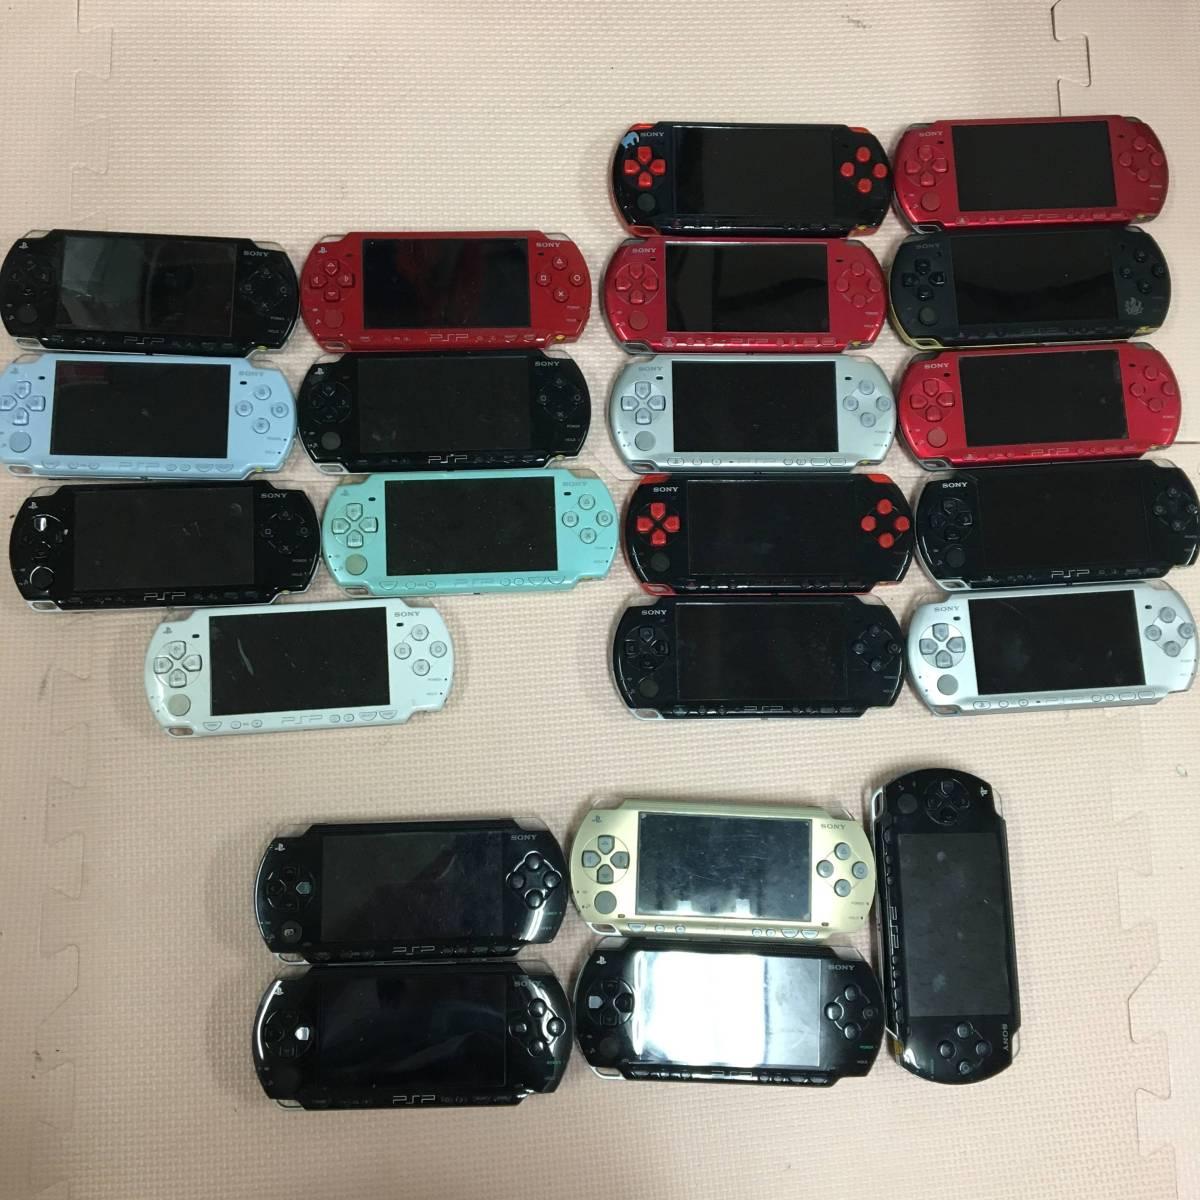 【ジャンク】PSP 本体 まとめ セット 1000 2000 3000 計22台 中古 ゲーム機 ソフト